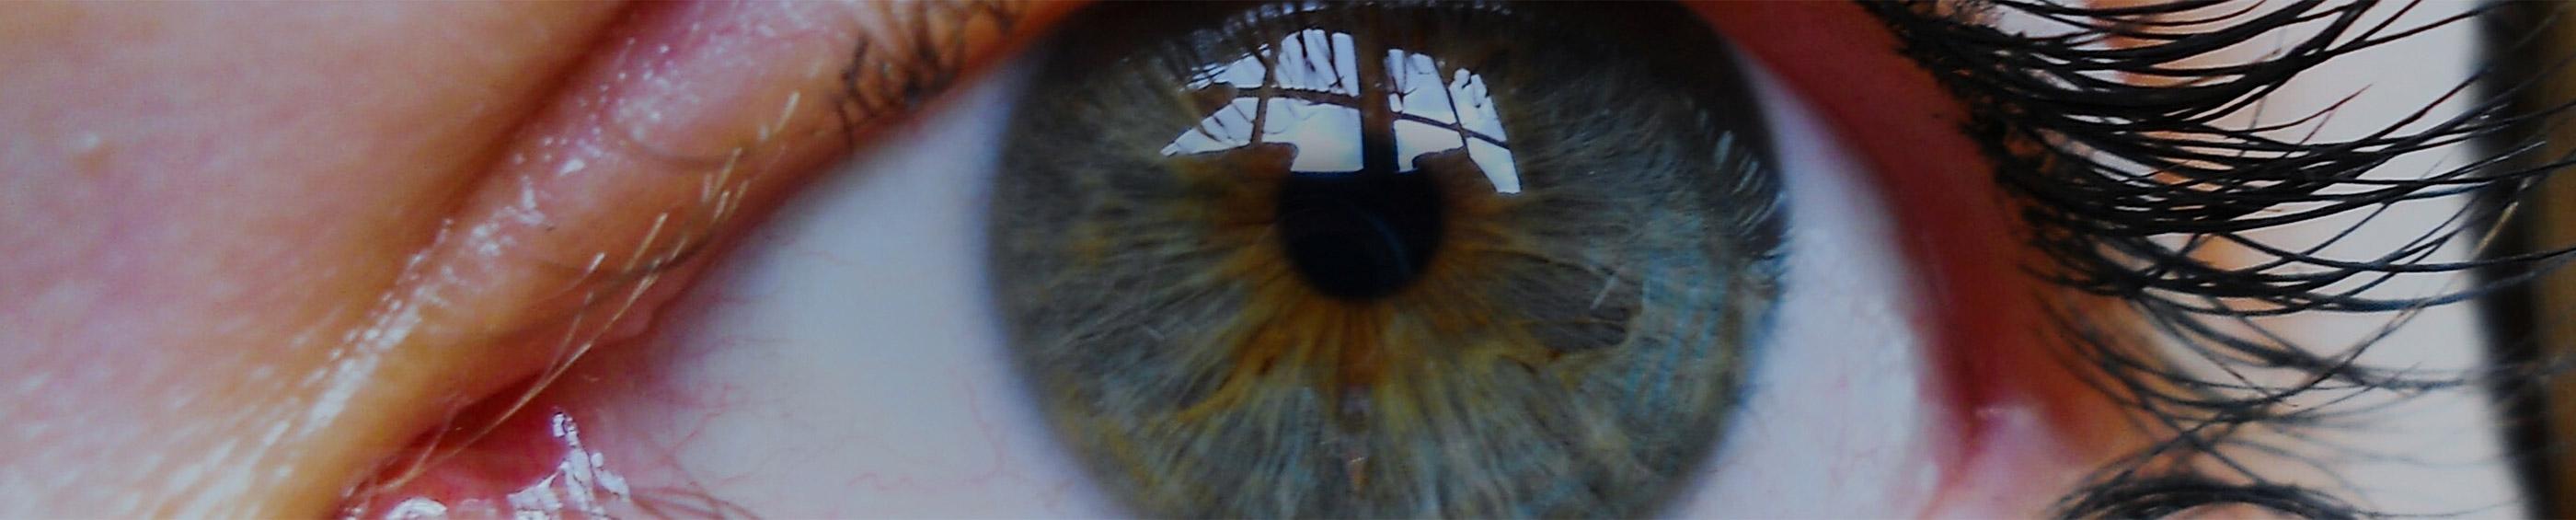 Nærbillede af en kvindes øje med kontaktlinser